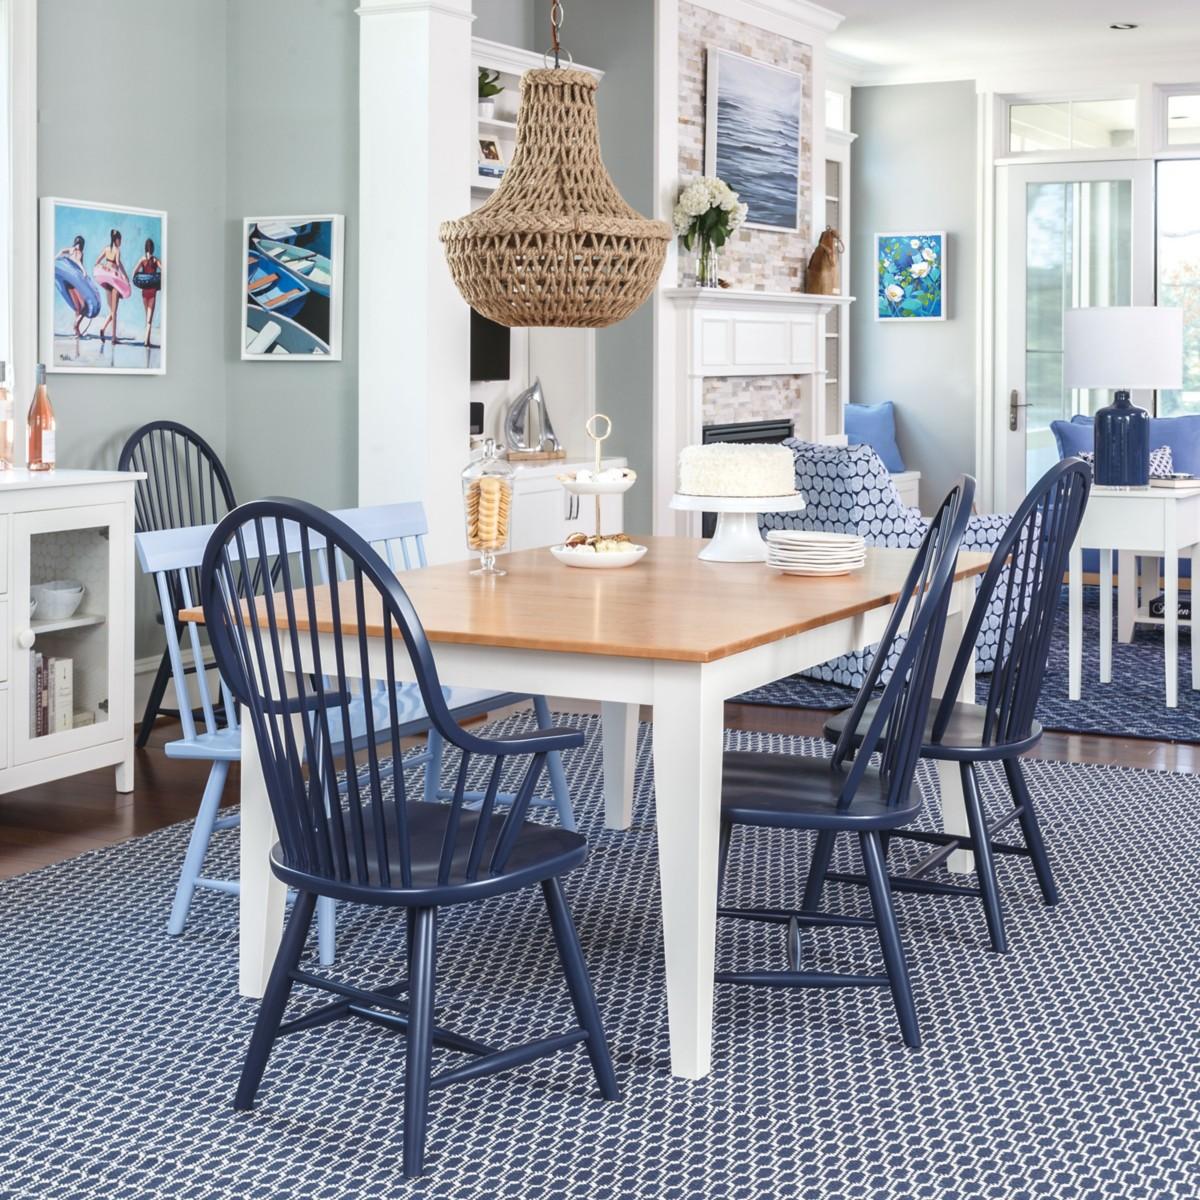 http://s7d4.scene7.com/is/image/CoastalBrands/Blue-Margate-Dining-Room?&hei=1200&resizeid=16&resizeh=0&resizew=50